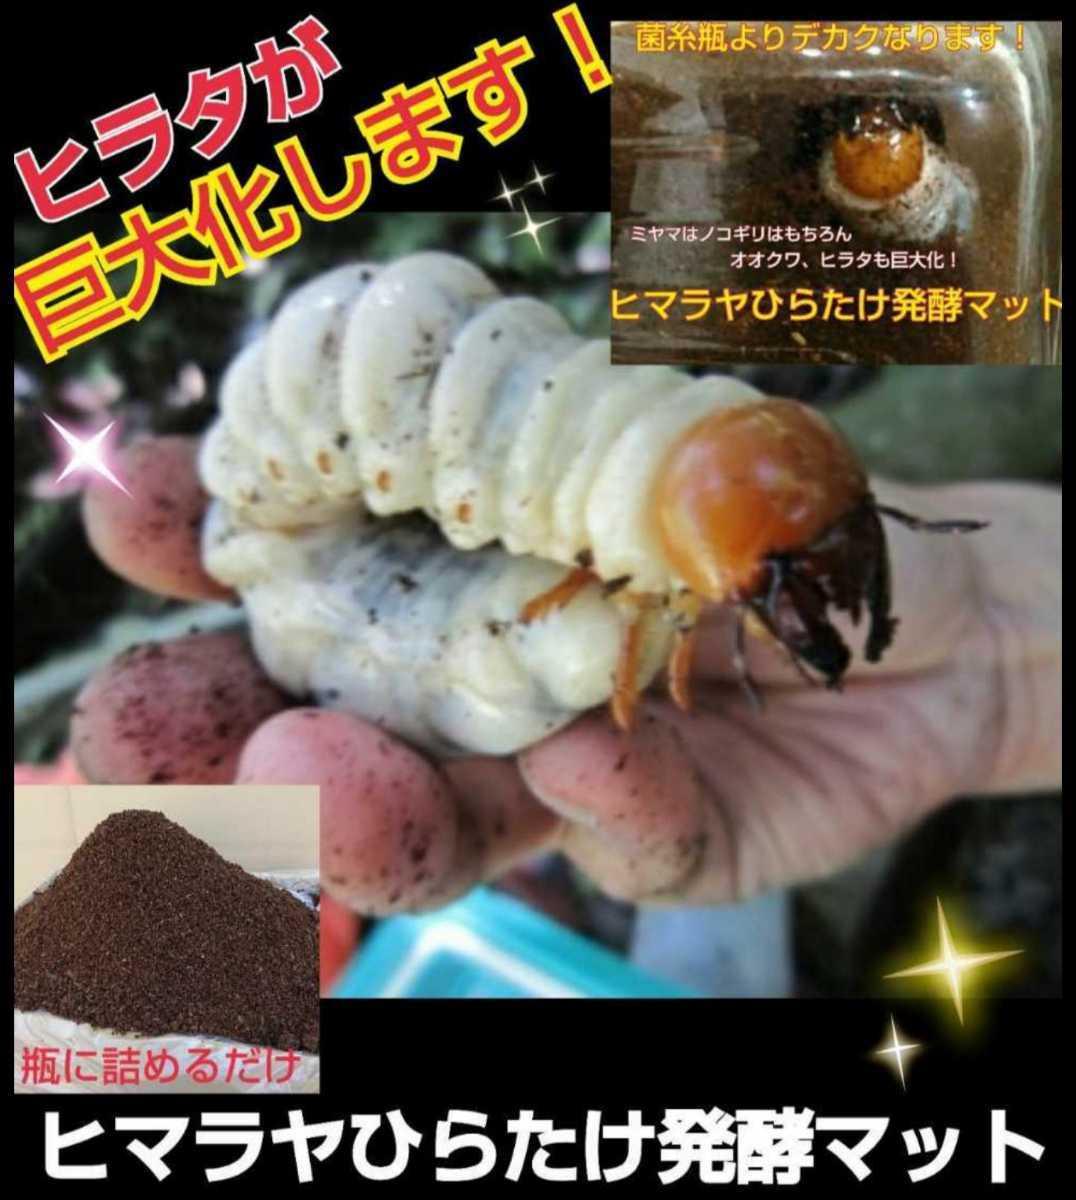 500リットル入!ヒマラヤひらたけ菌床発酵カブトムシマット!抜群の栄養価! クヌギ100%原料 幼虫の餌、産卵マット!ビッグサイズ狙えます_画像10